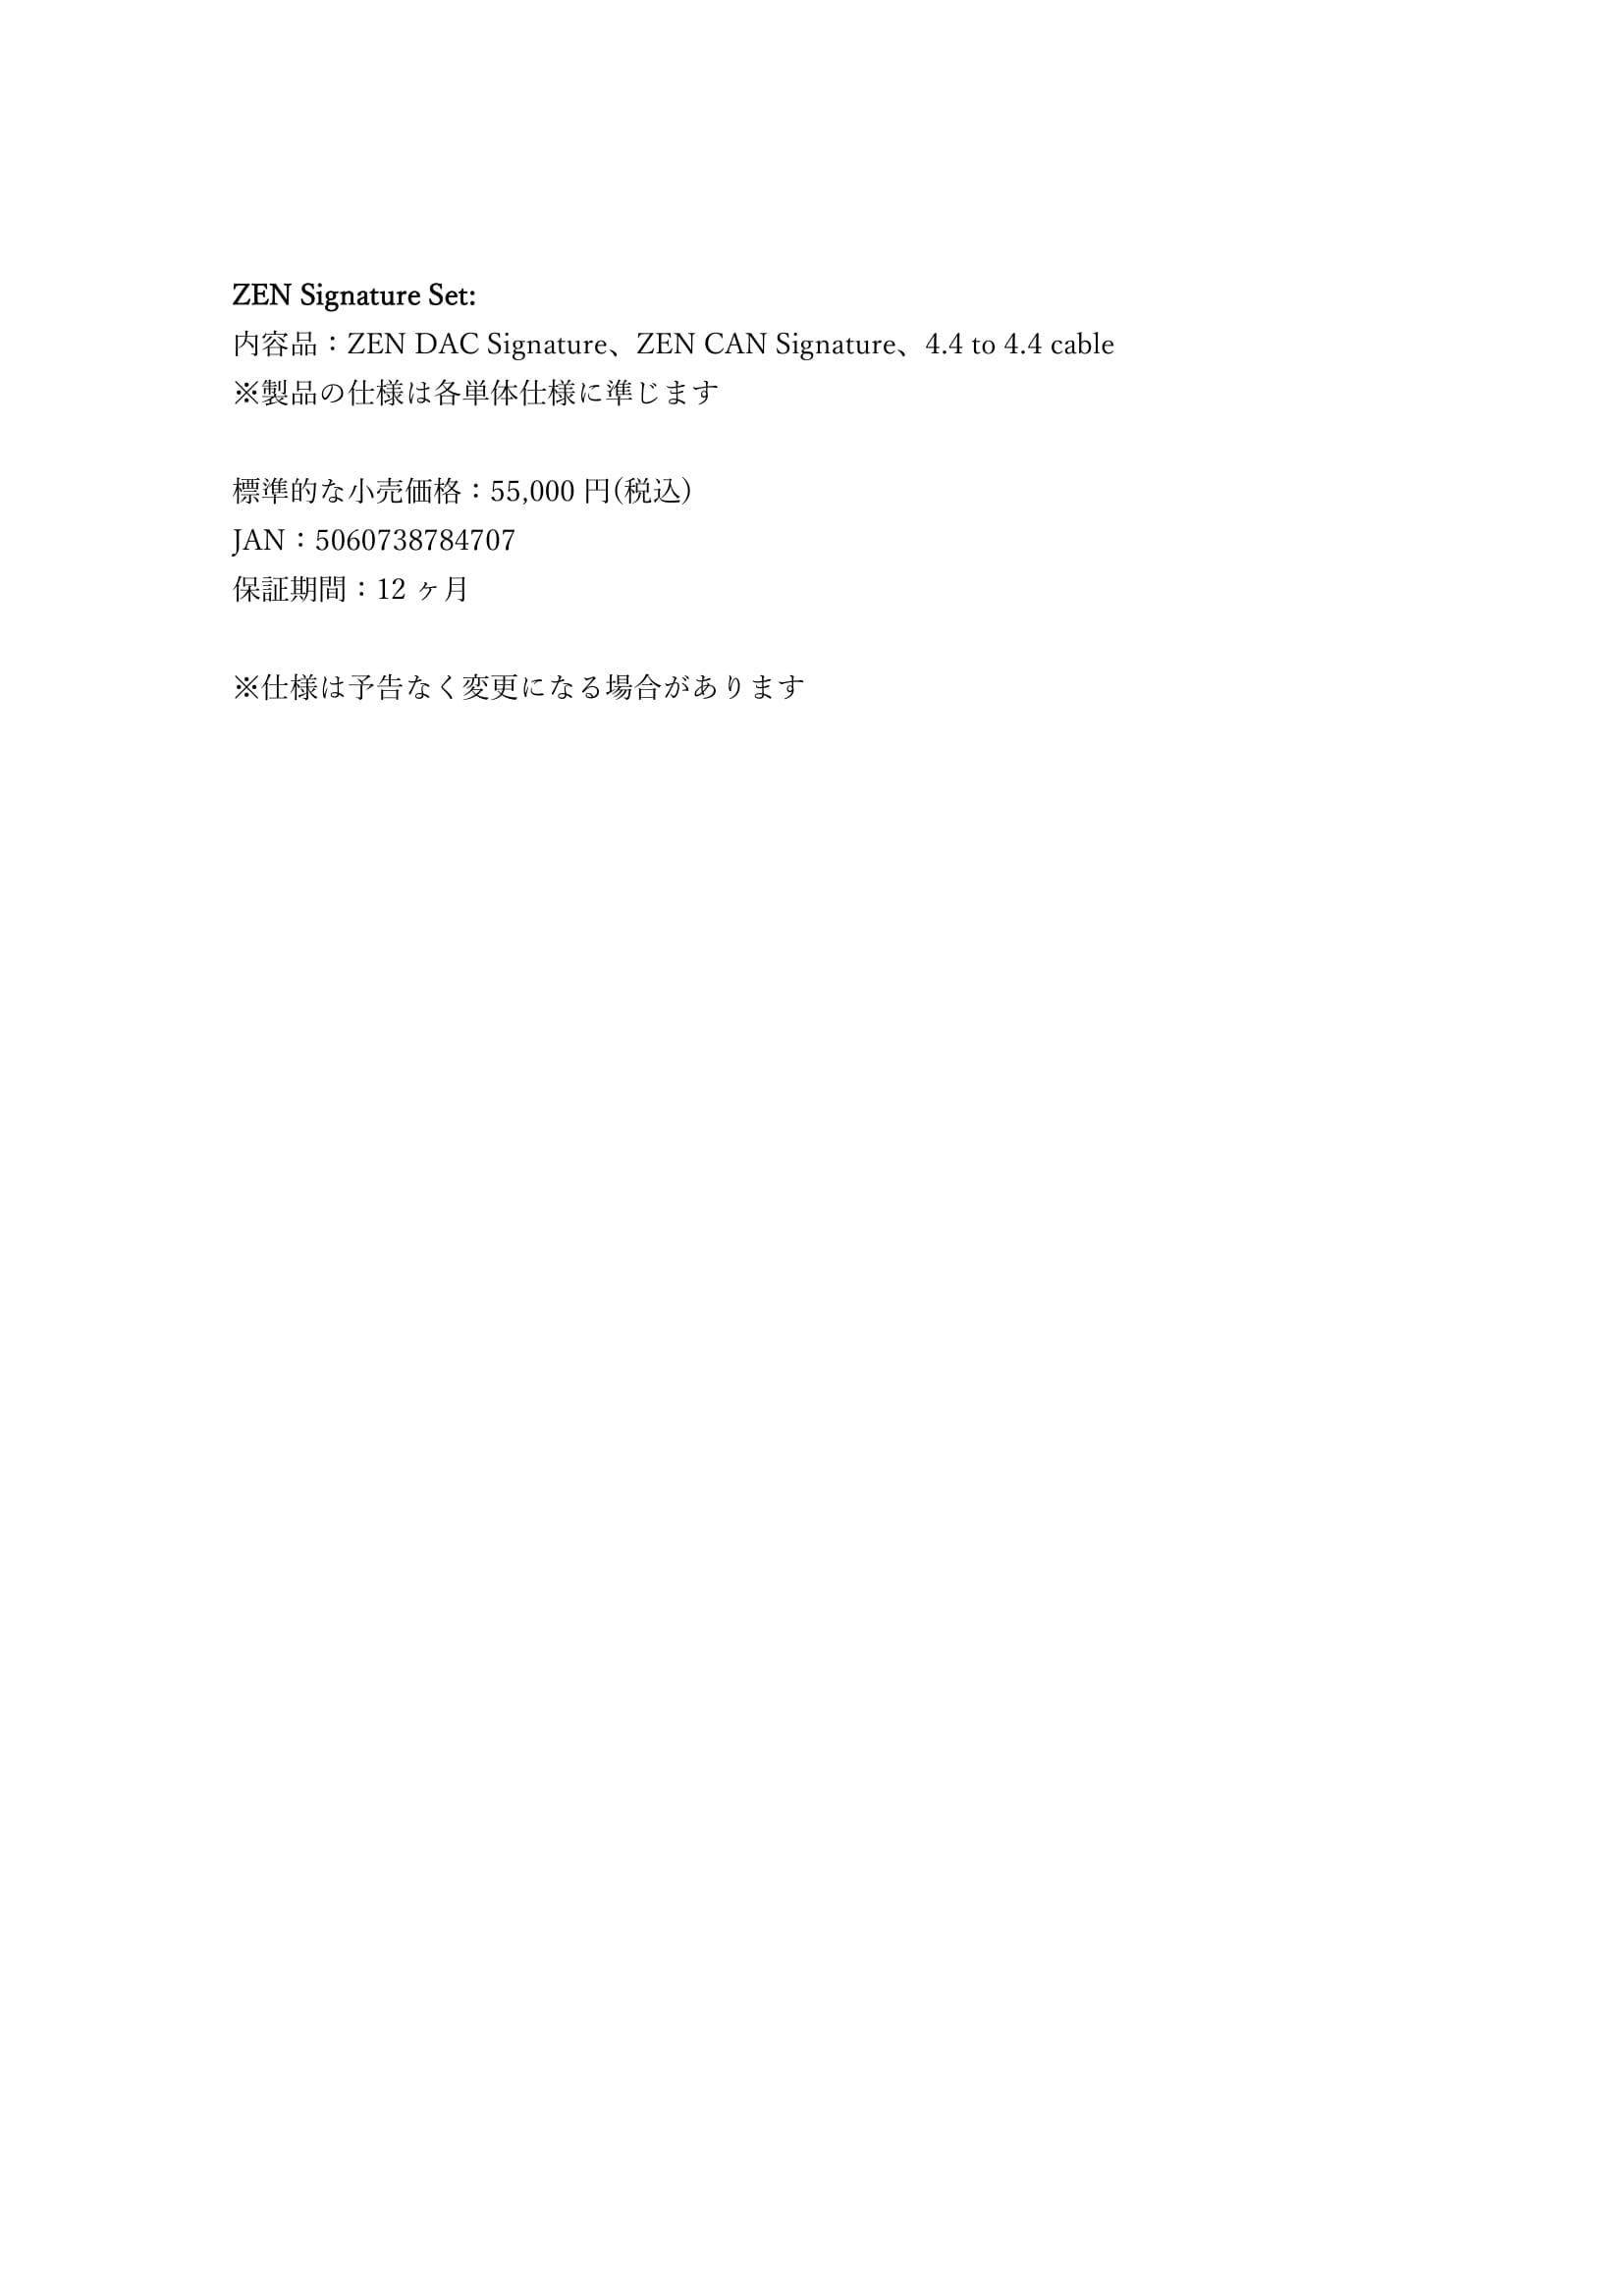 iFi_audio_ZEN_DAC_Signature_ZEN_CAN_Signature_ZEN_Signature_Set広報資料20210326-10